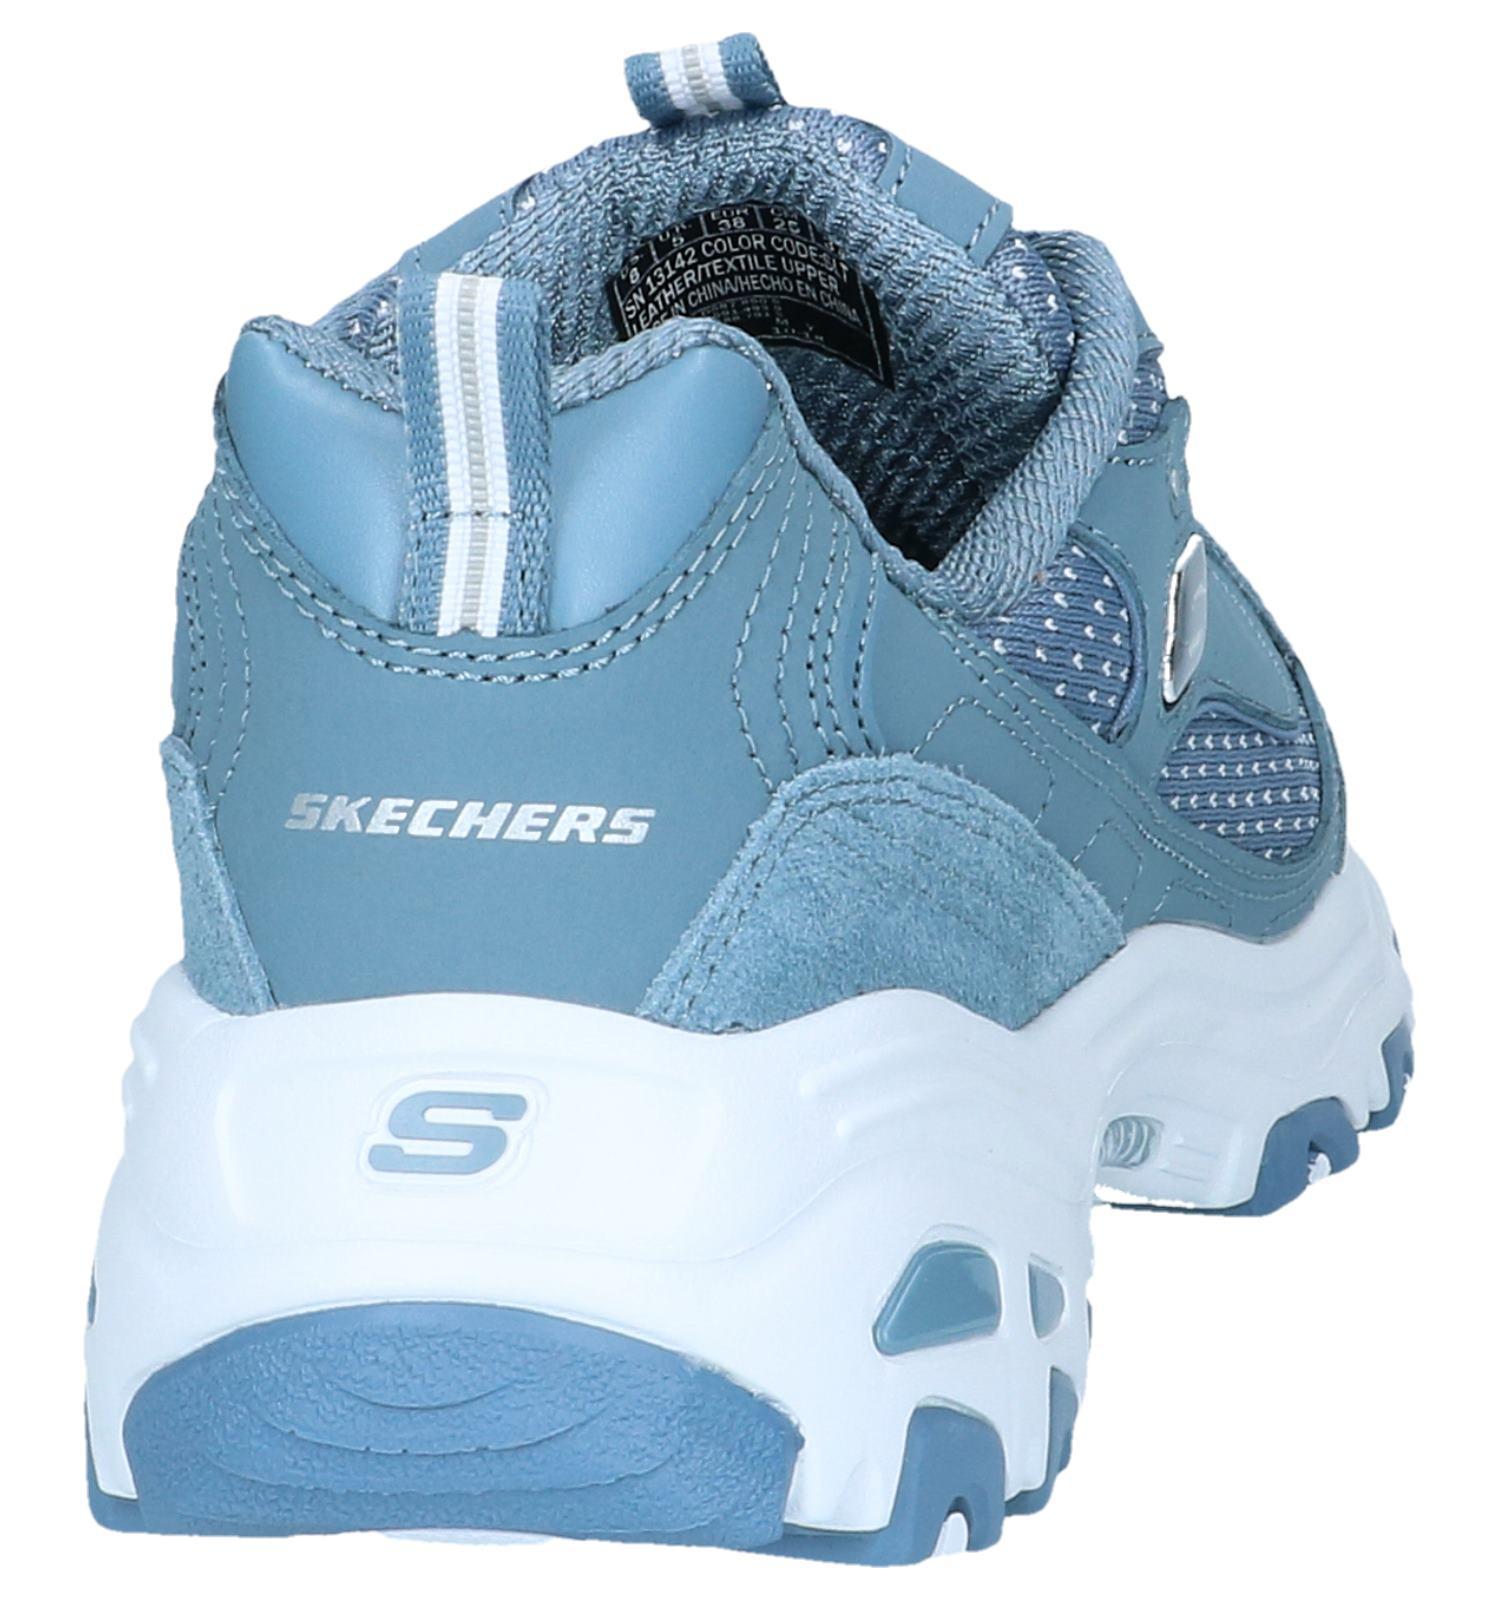 'lites Sport Femme D Skechers Mouss Pour JTKclF1